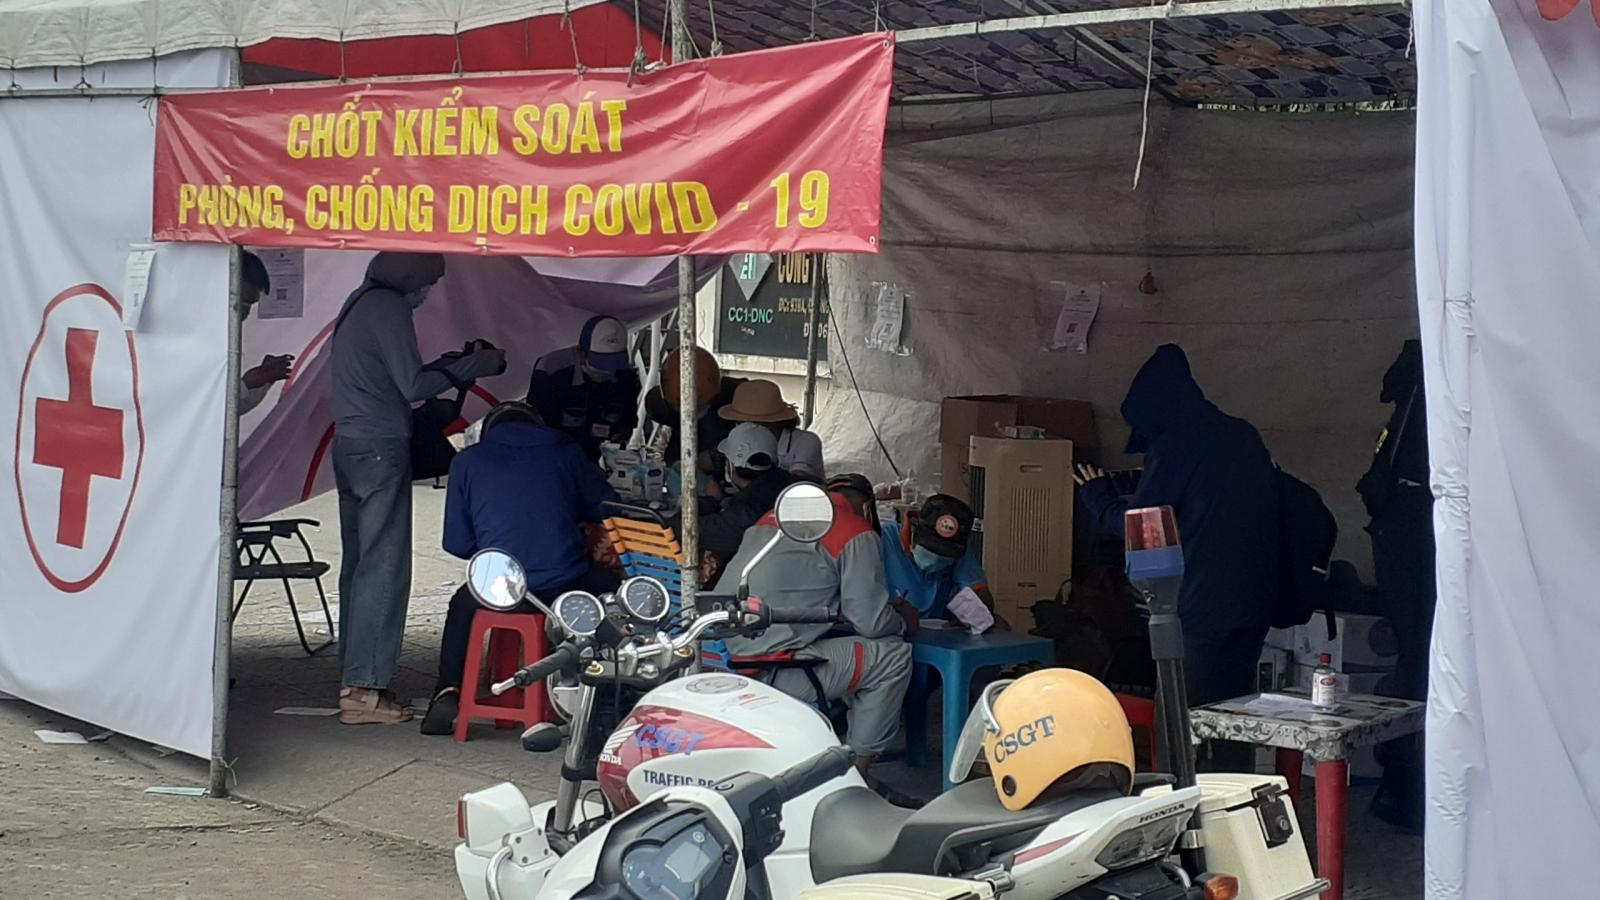 Ngày đầu Đồng Nai kiểm soát người từ TP.HCM: Người hoang mang, người lỡ kế hoạch